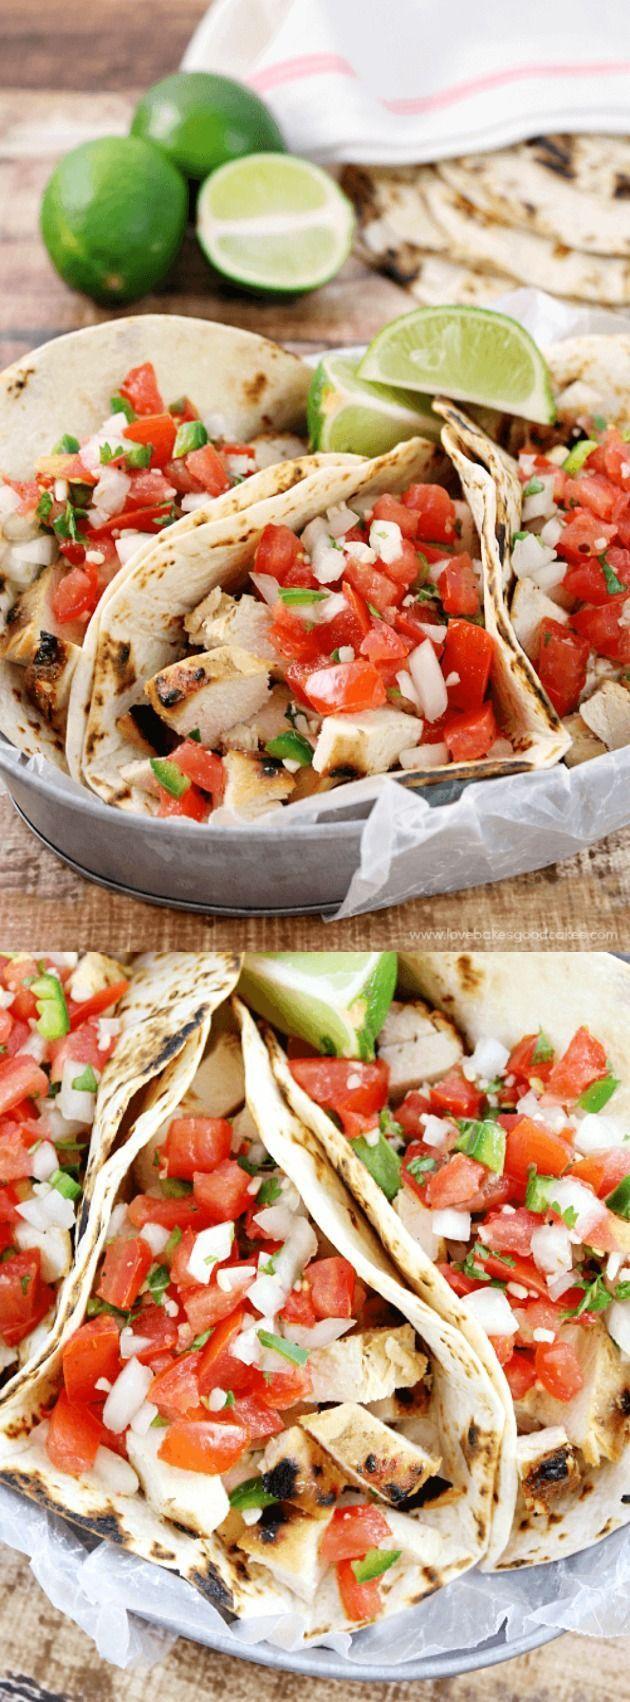 taco füllung